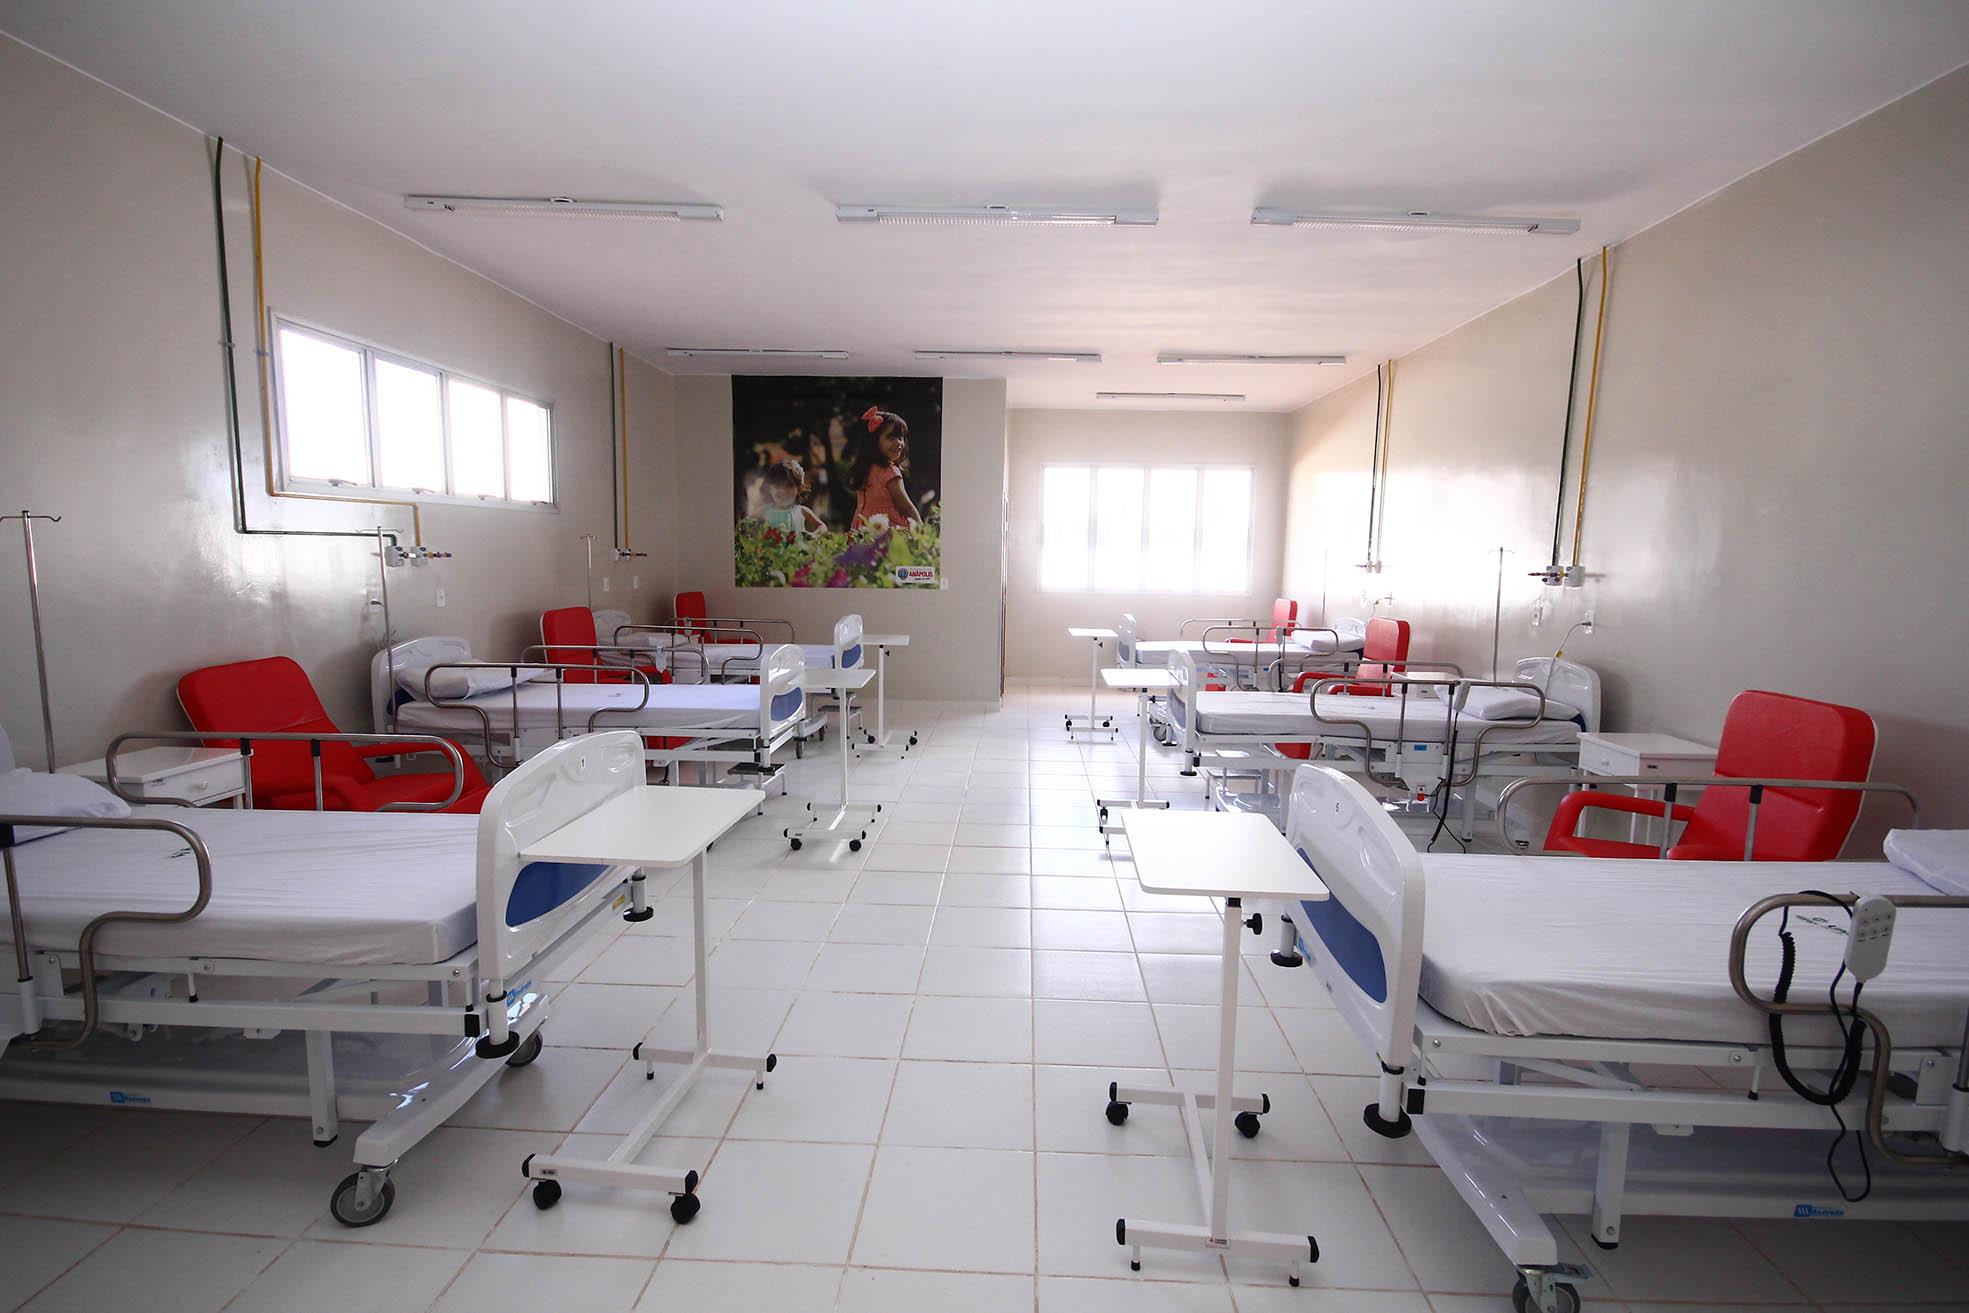 Saúde em mais de 3.000 m²: a partir desta 4ª-feira, UPA disponibiliza atendimento 24h aos anapolinos